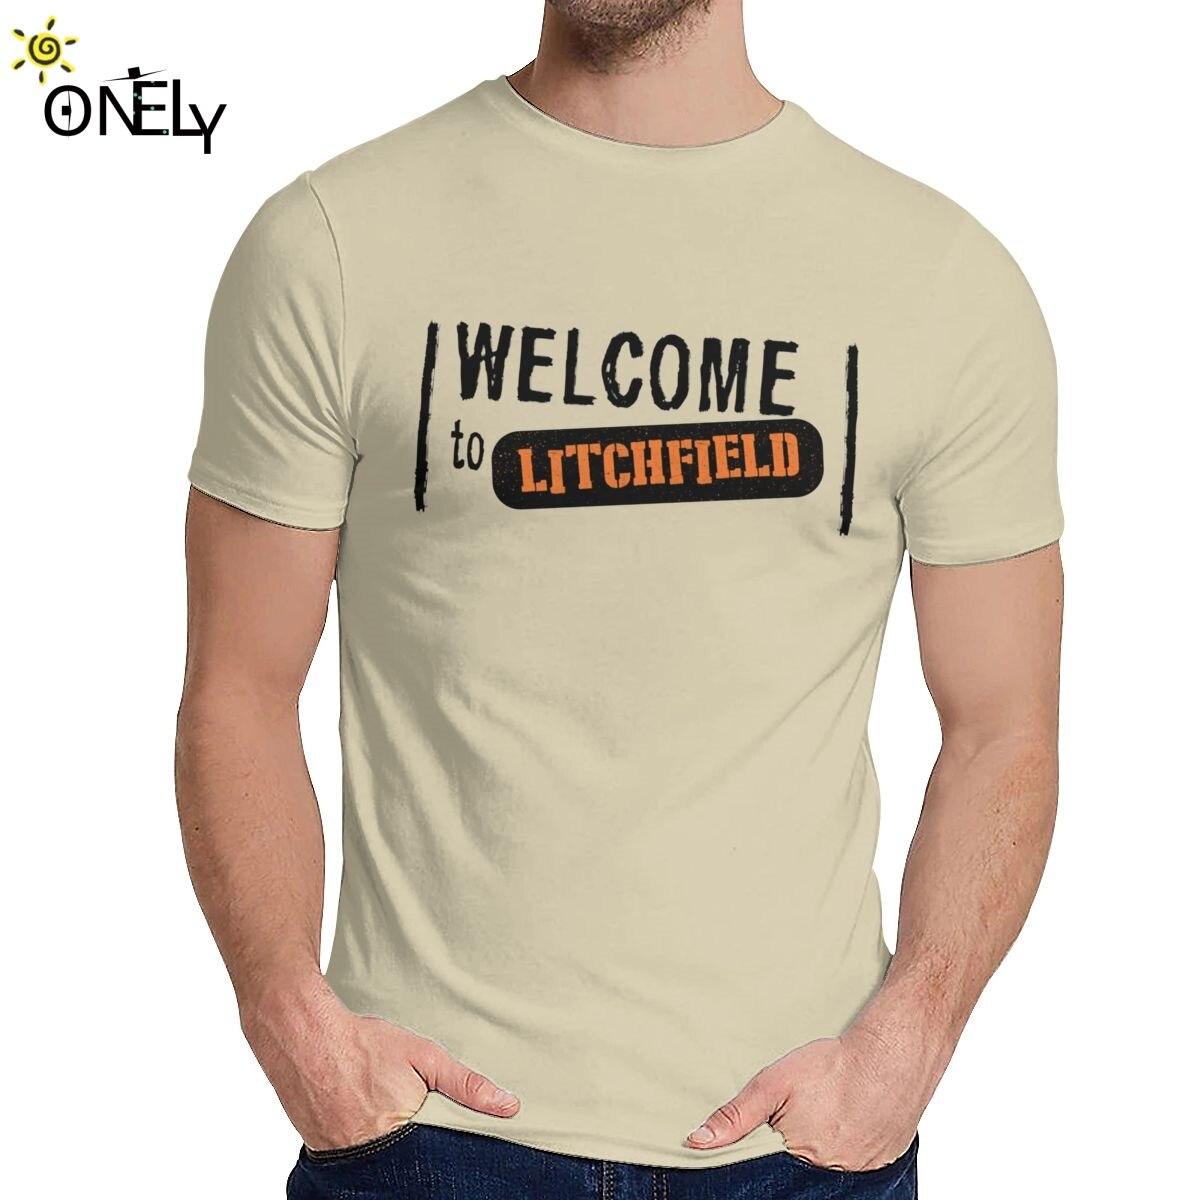 Camiseta de verano para hombre, bienvenido a Litchfield Orange Is The New...